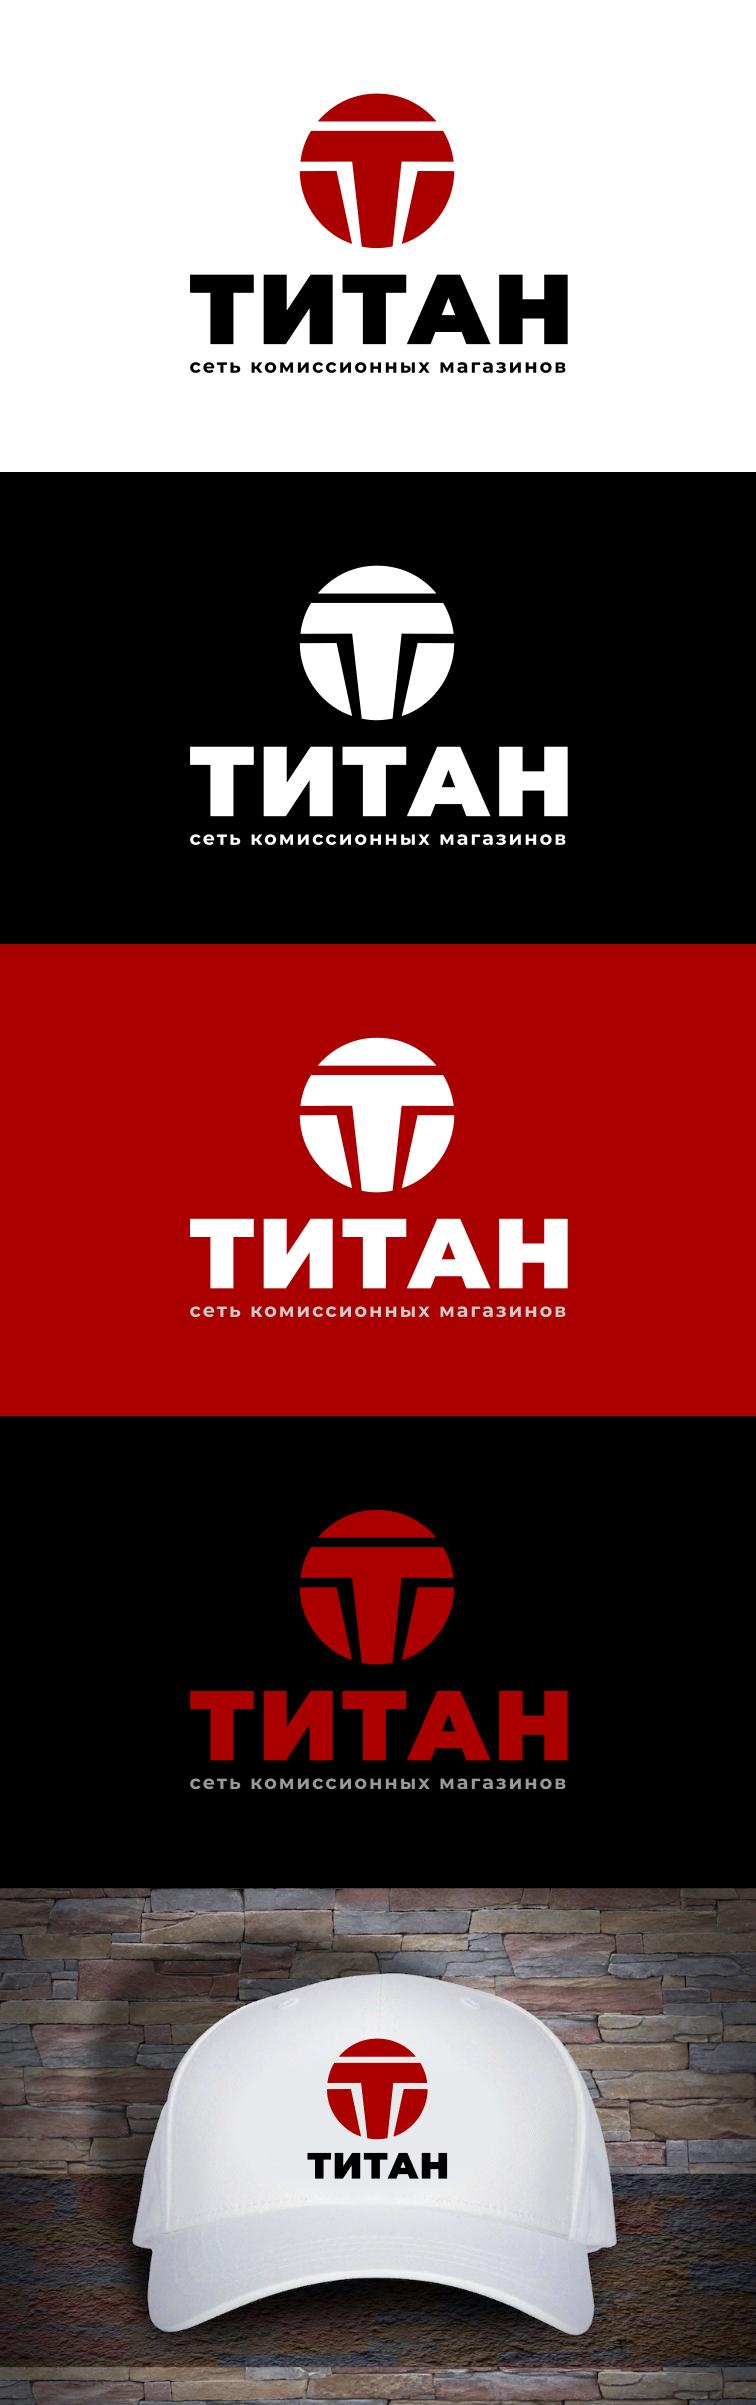 Разработка логотипа (срочно) фото f_7545d4b278ce5b1a.png